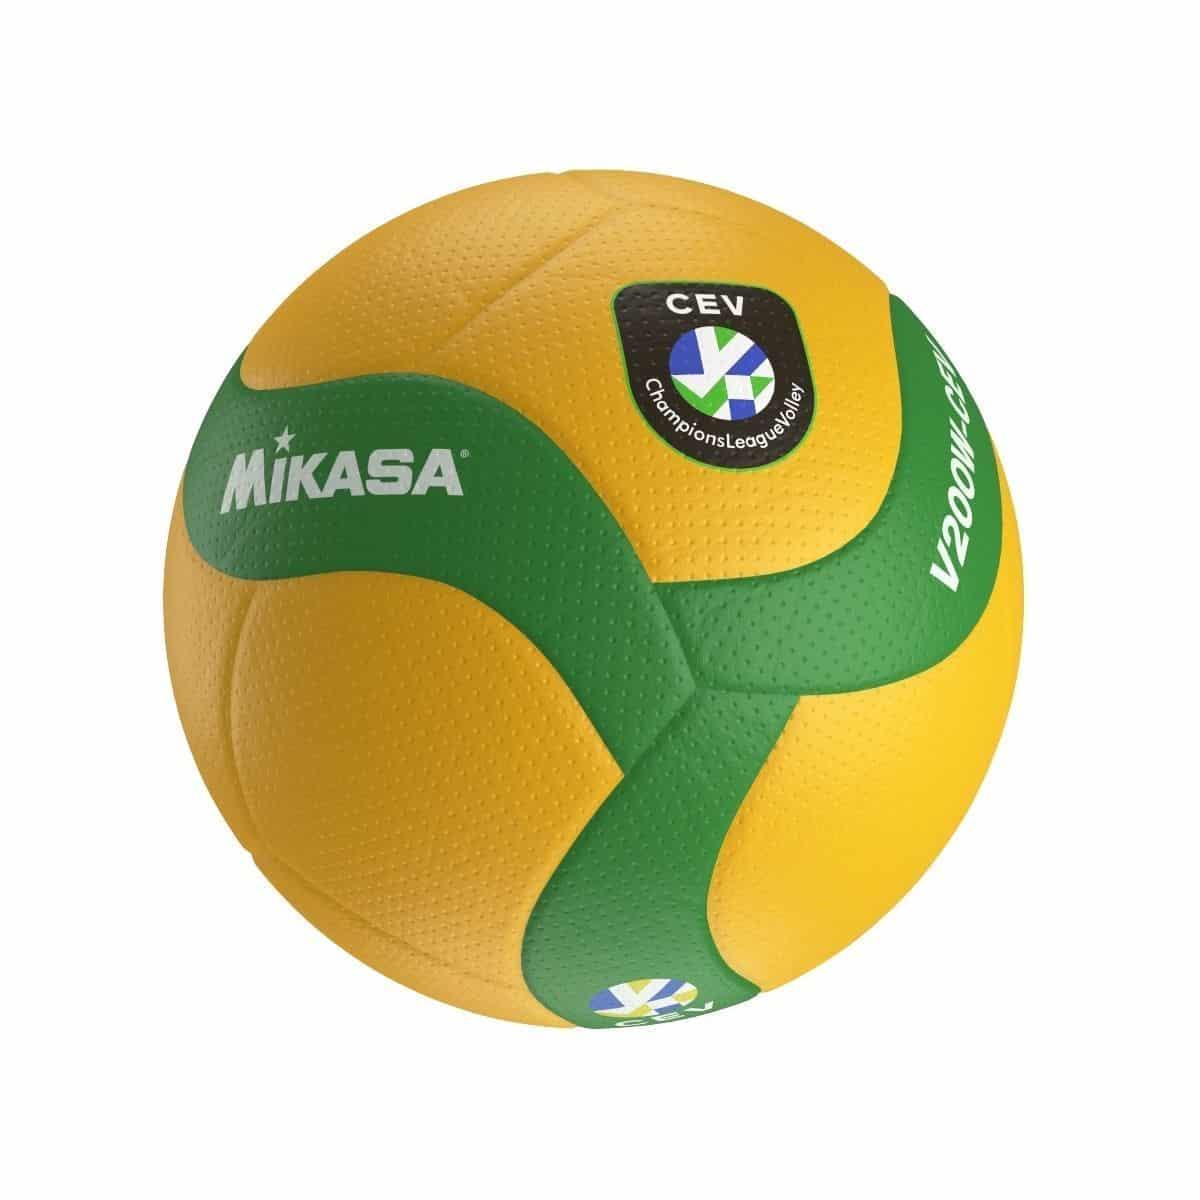 mikasa-v200w-cev-volleyball